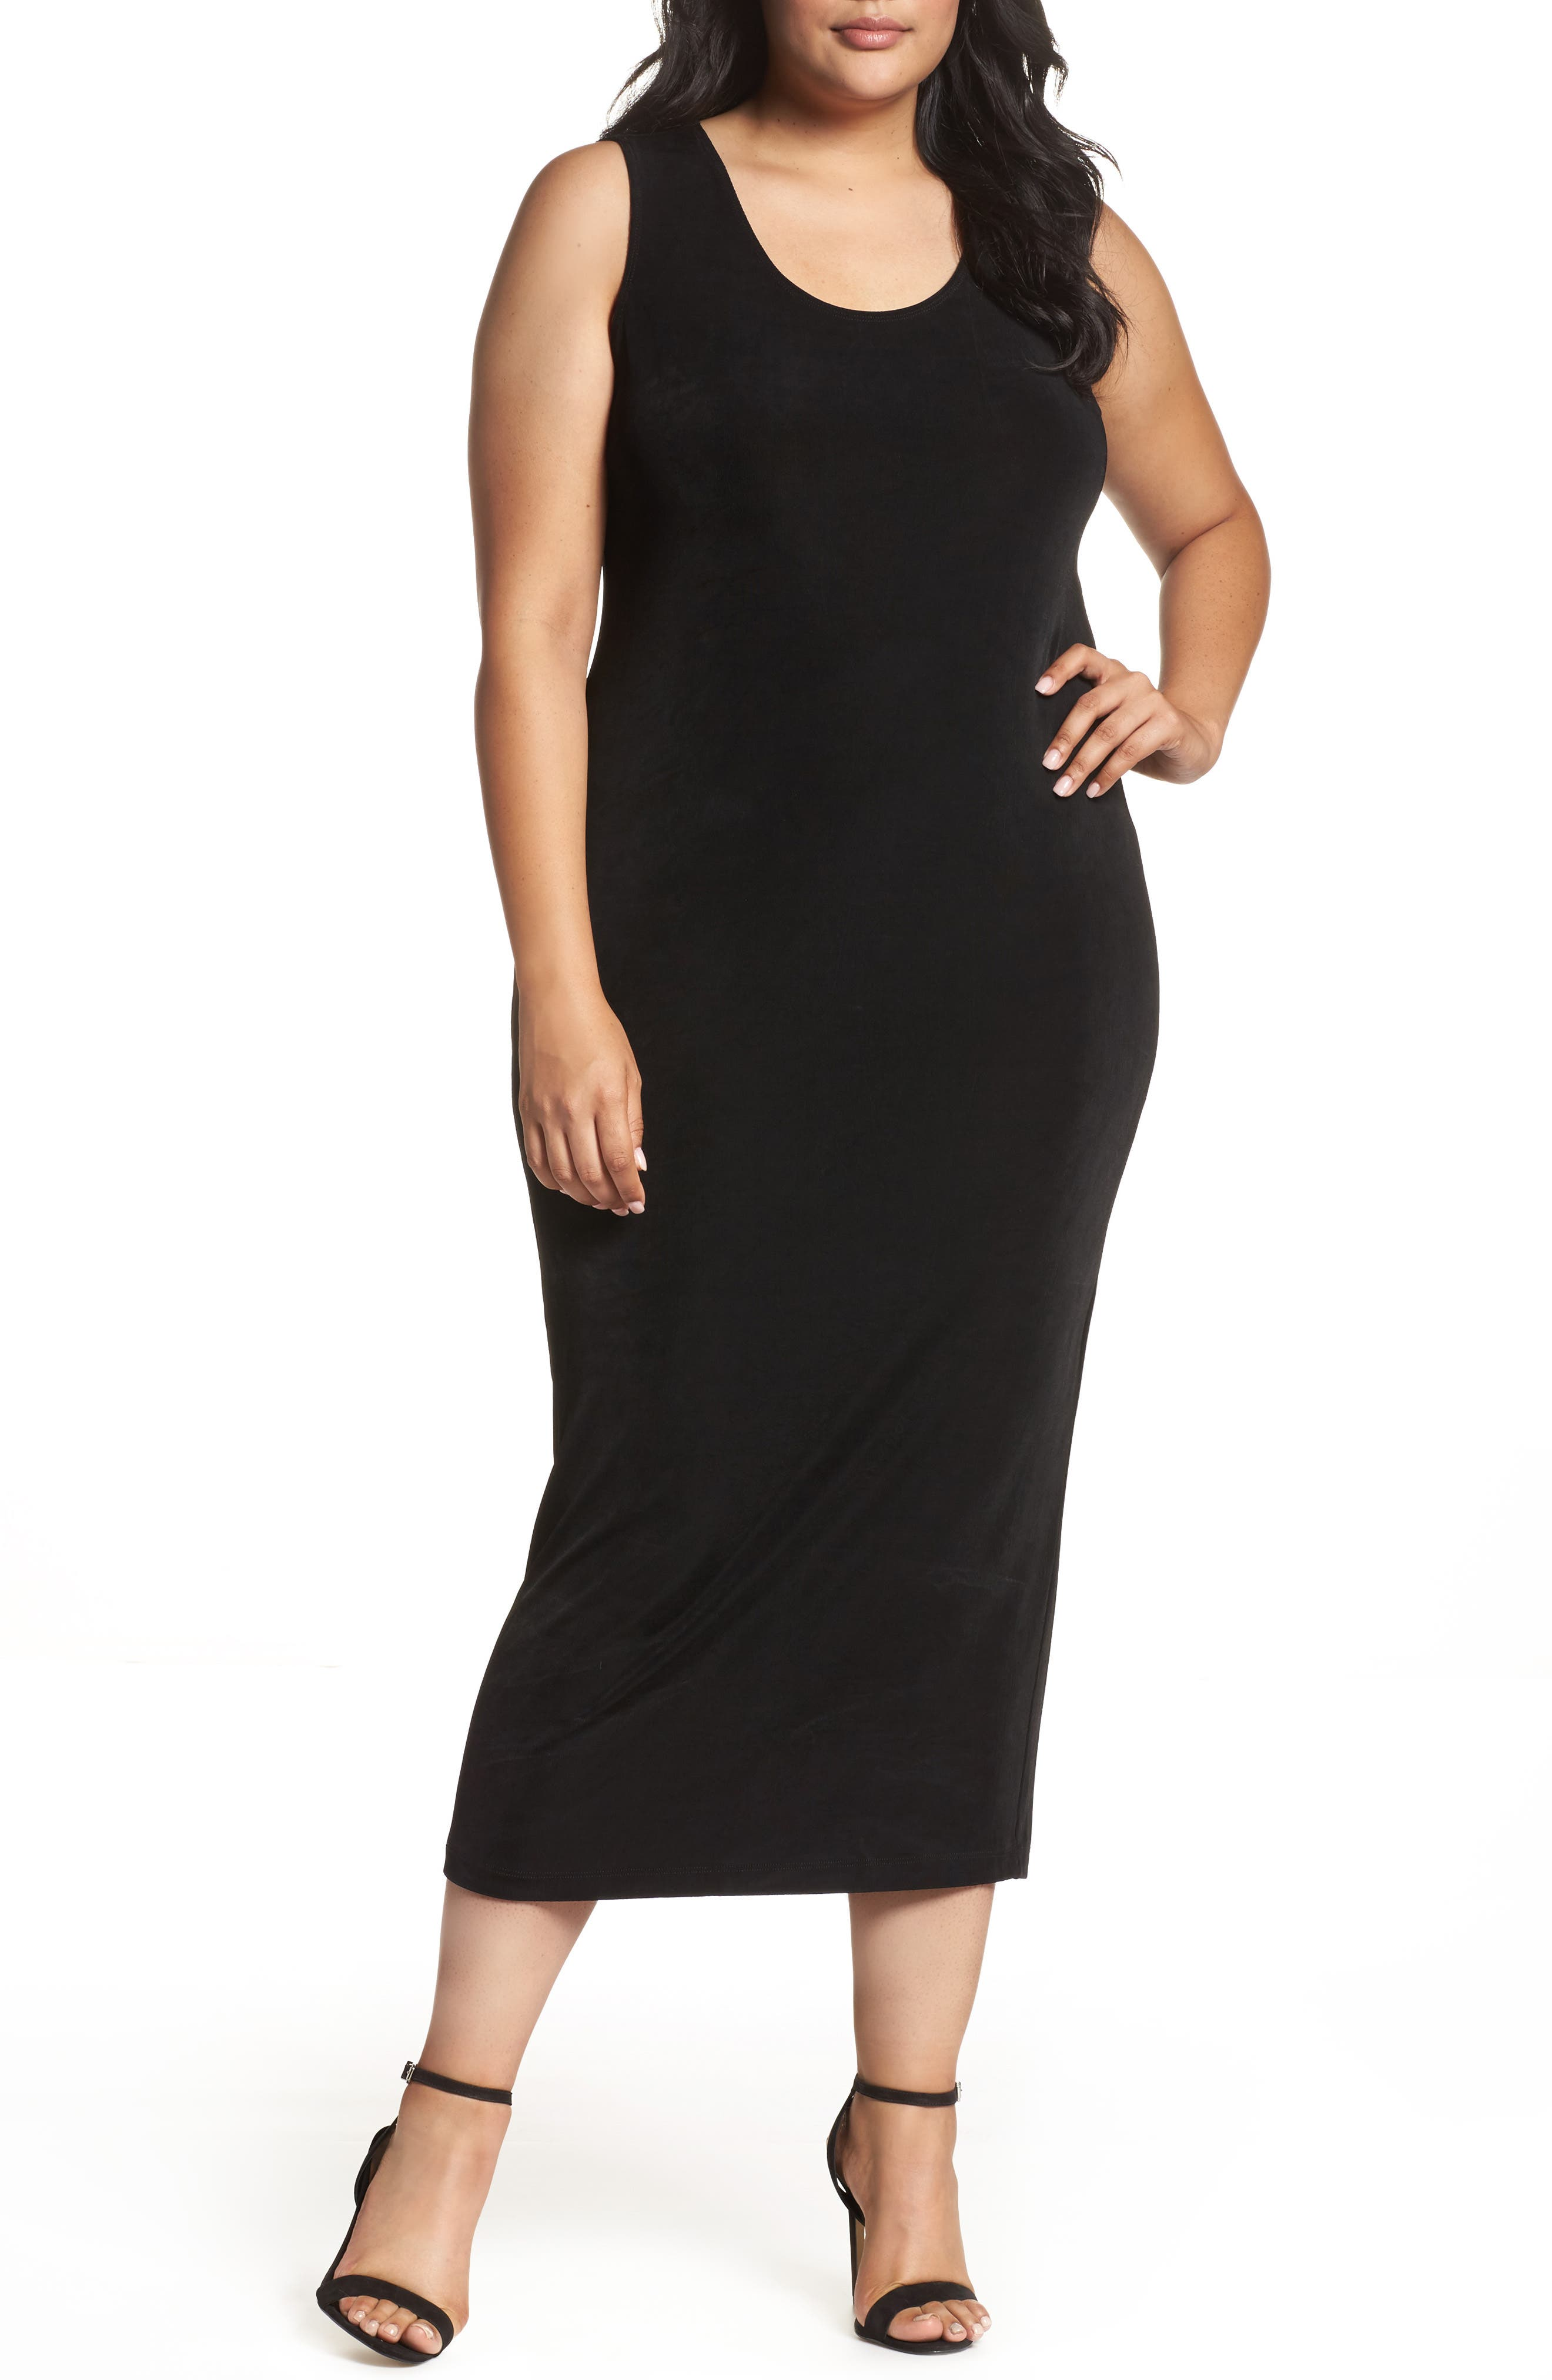 VIKKI VI Sleeveless Maxi Tank Dress, Main, color, BLACK